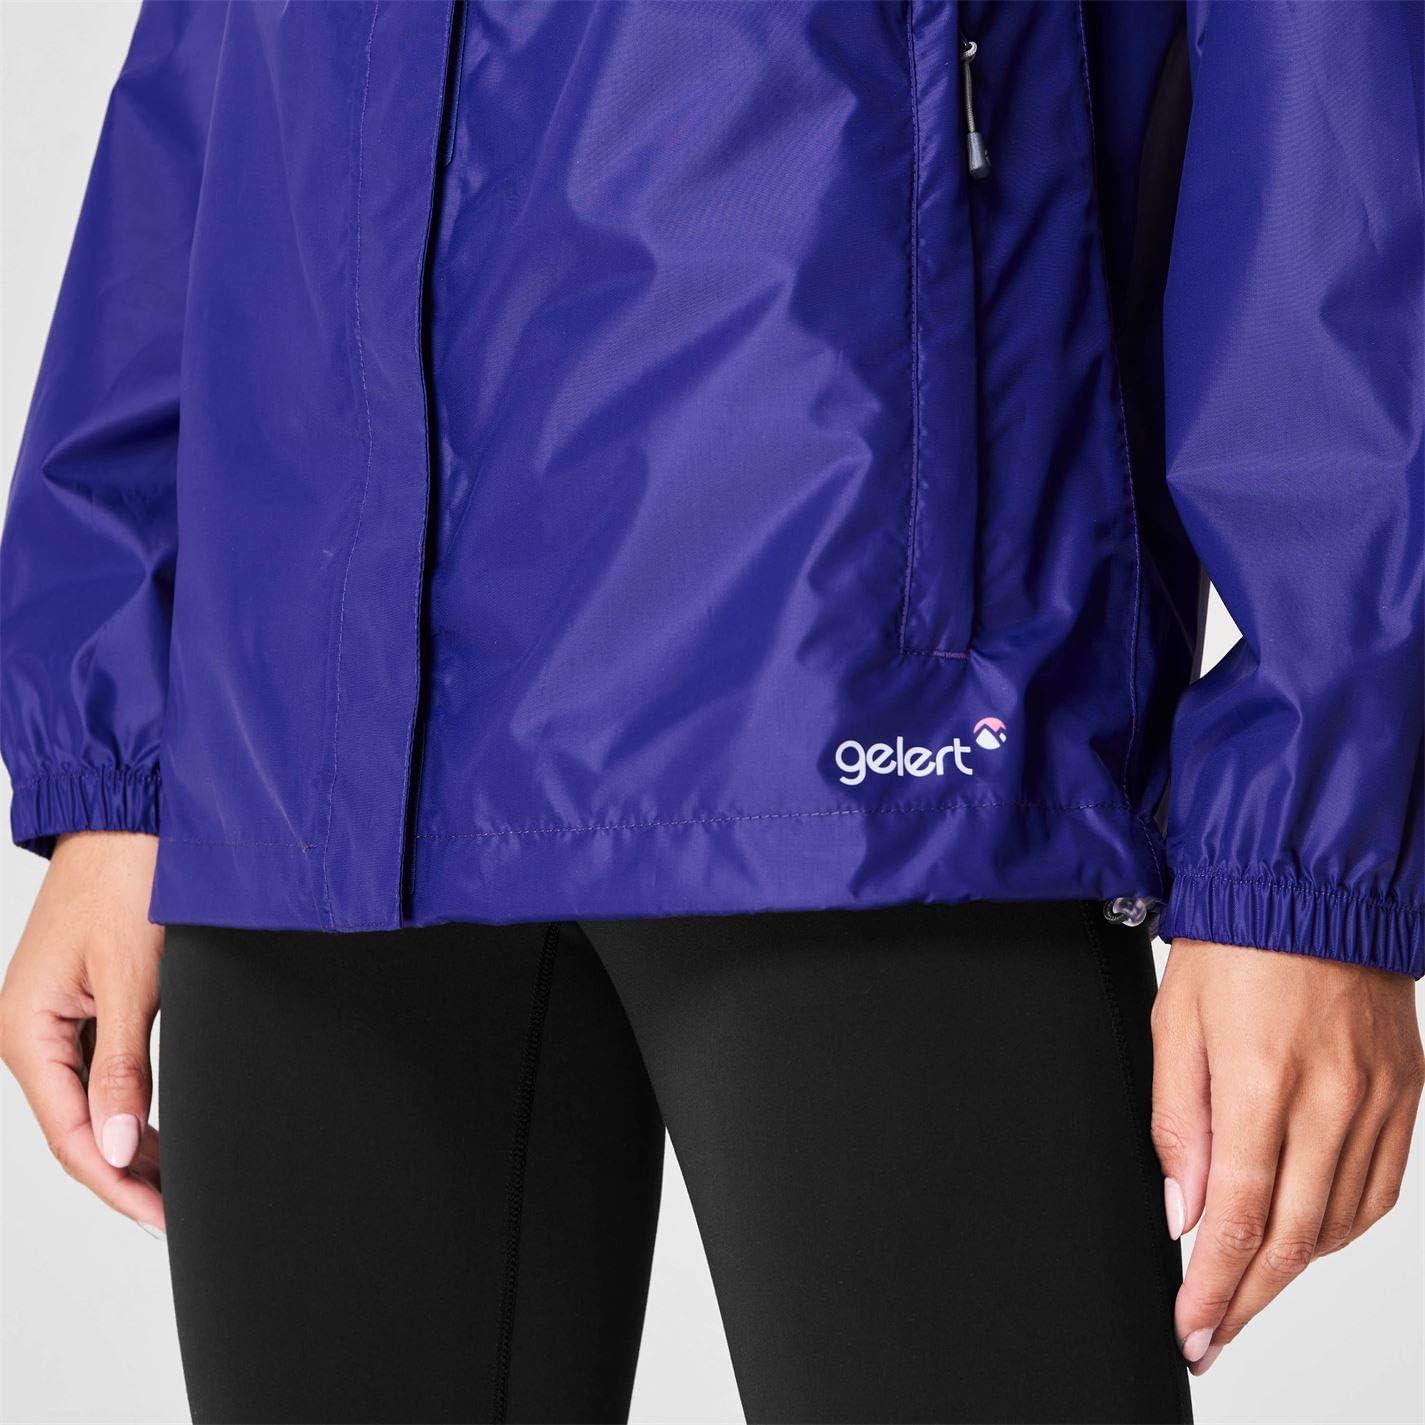 Gelert Womens Packaway Jacket